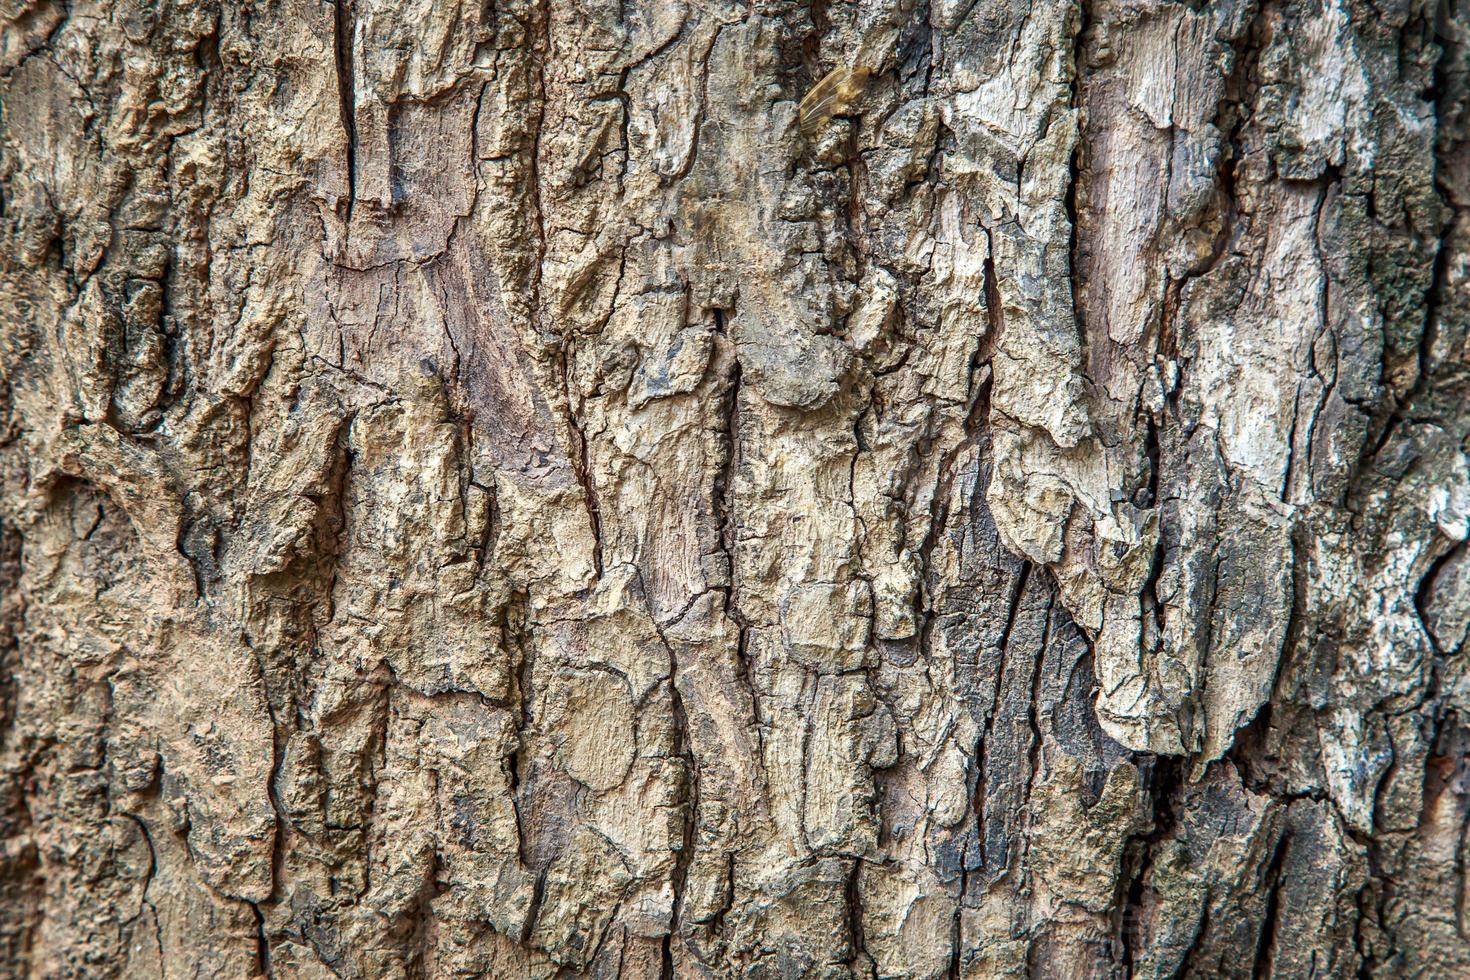 abstracte boomschil rustieke textuur achtergrond foto